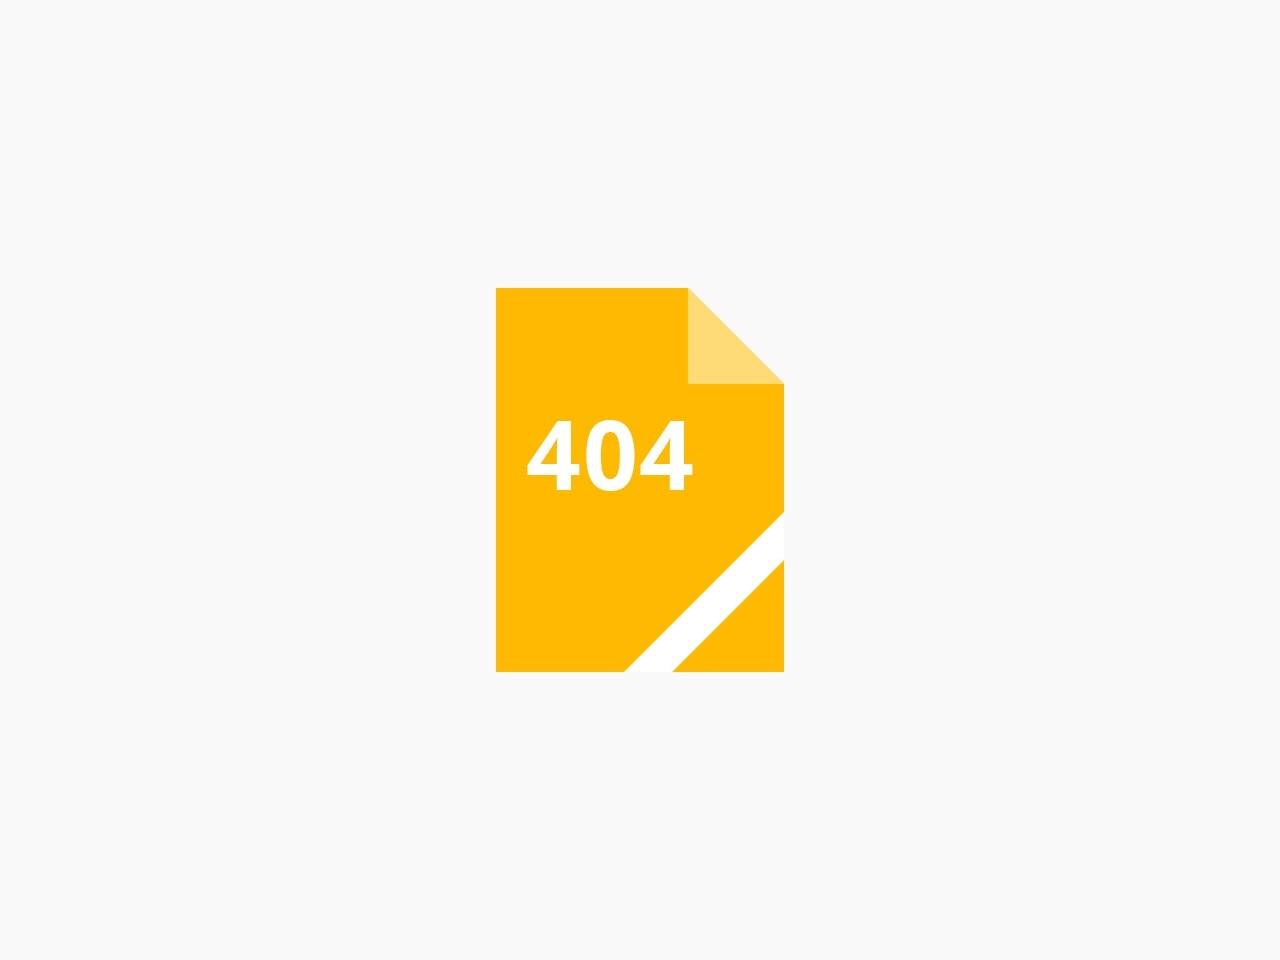 宝石店PADOU | 結婚指輪 ダイヤモンド 貴金属 買取り 修理 リフォーム 天使の卵 青森市